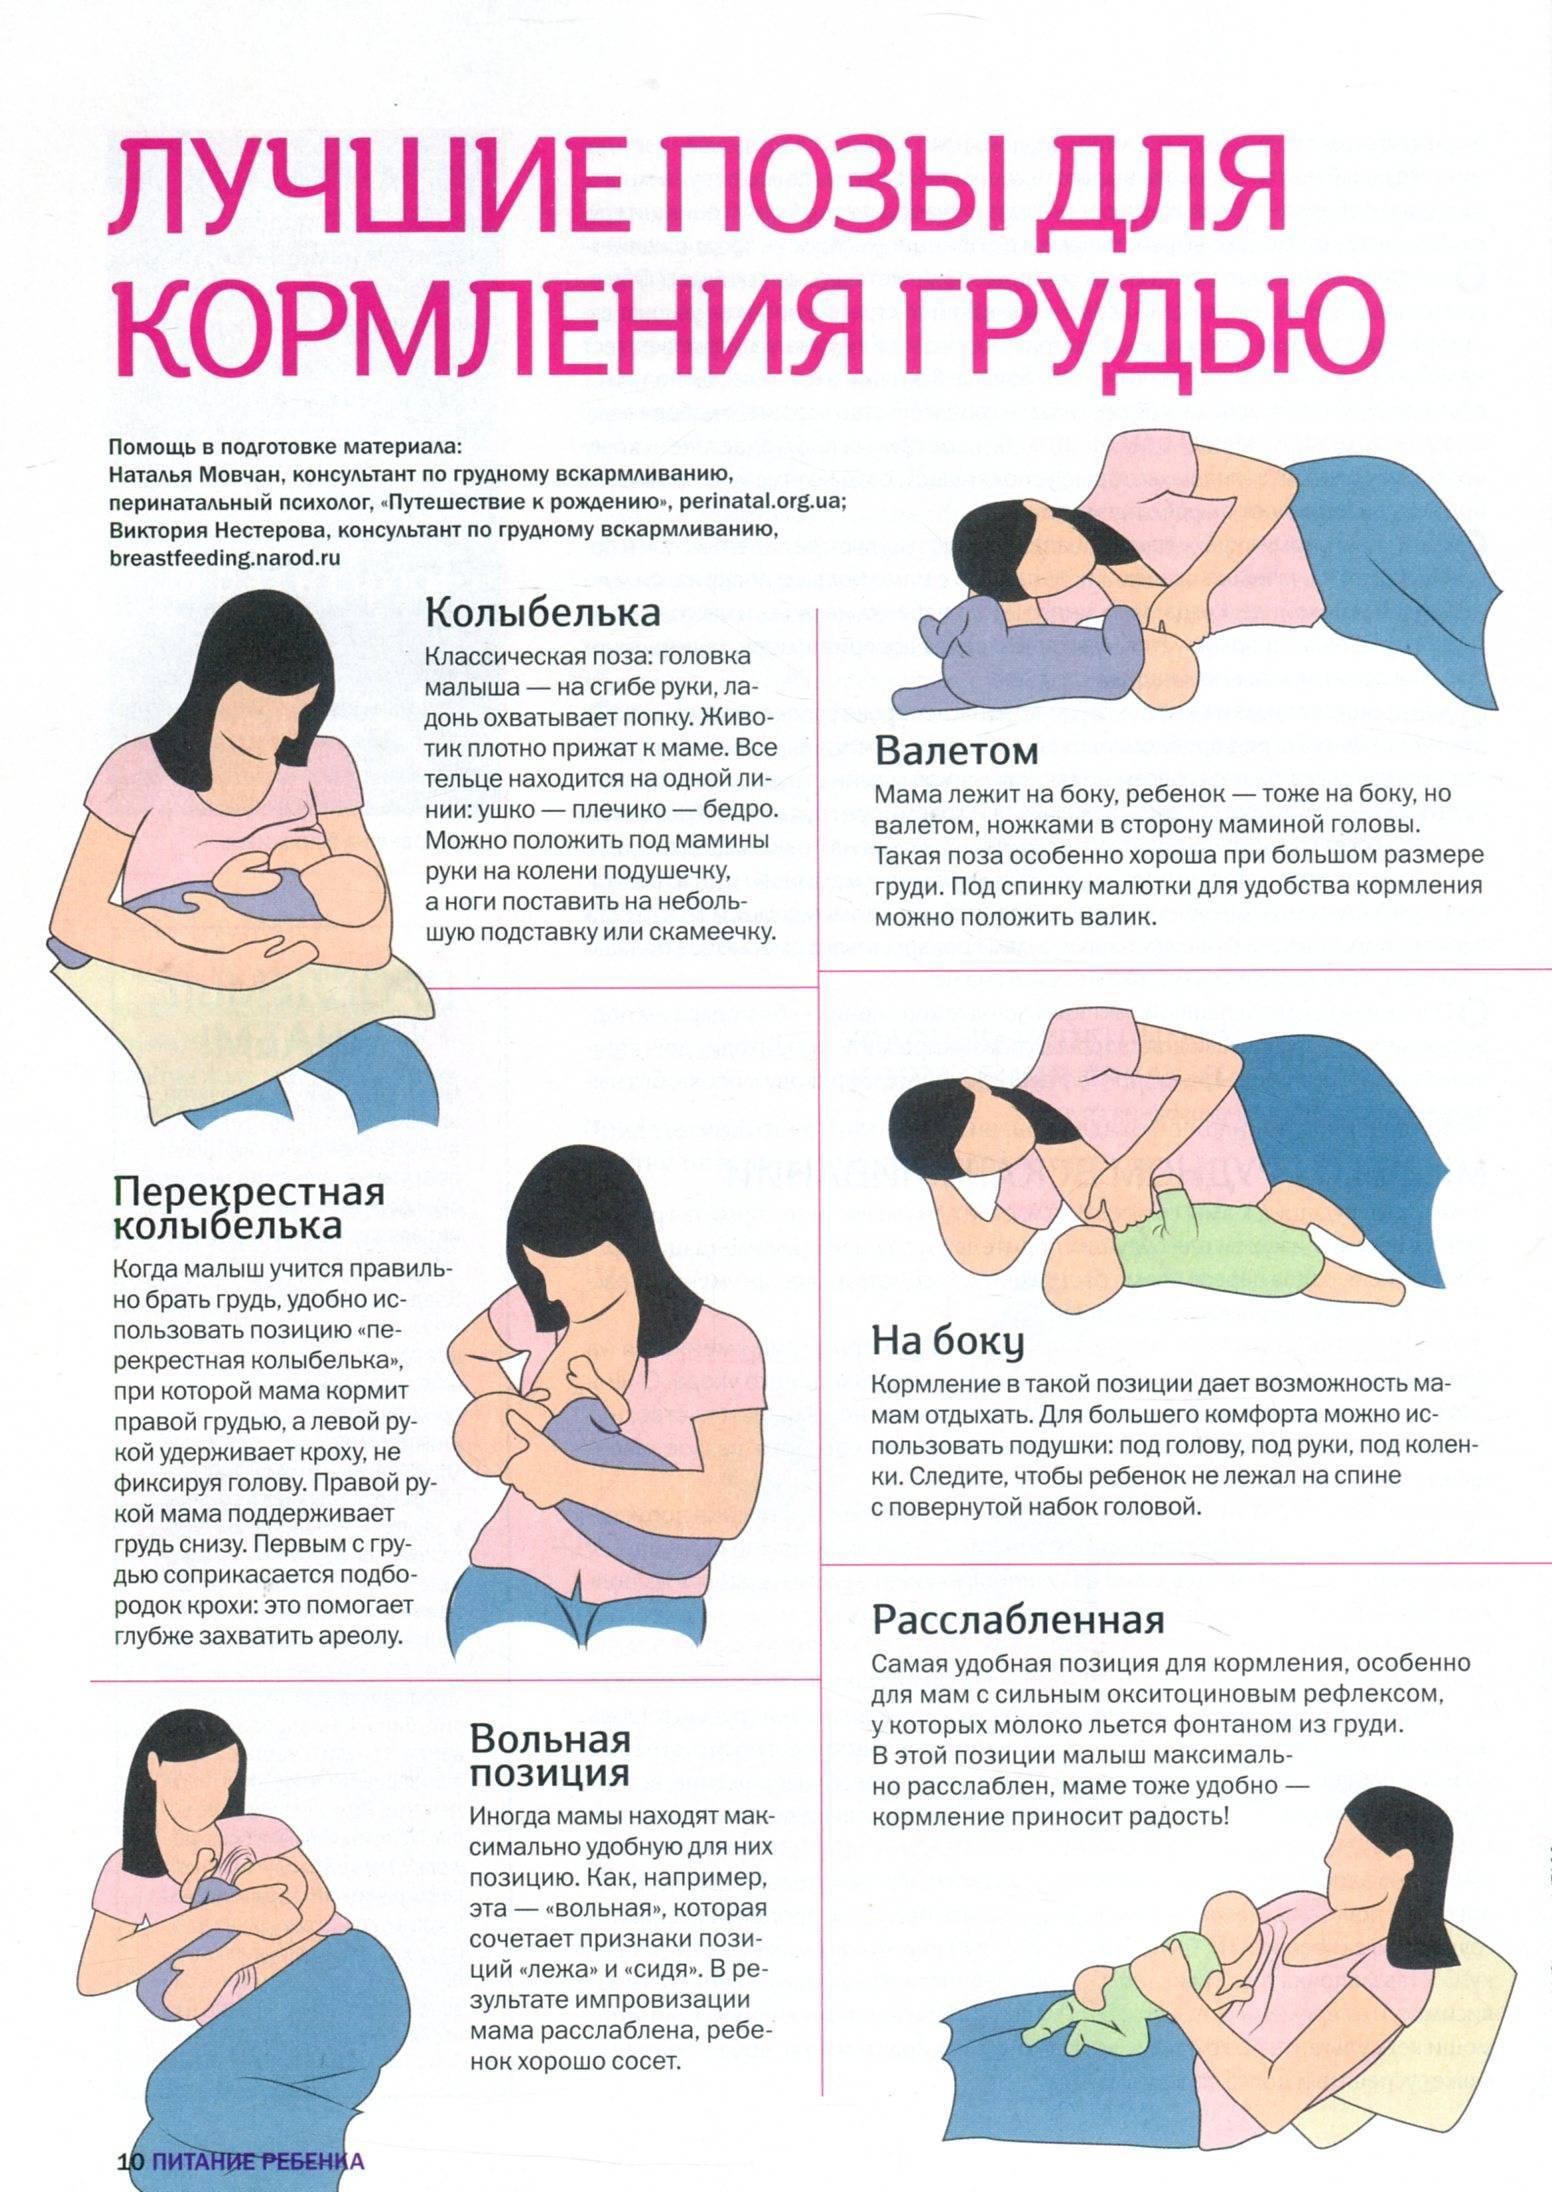 Позы для кормления новорожденных грудным молоком: фото ребенка с пояснениями, а также какое положение при гв для малыша будет правильным и удобным?